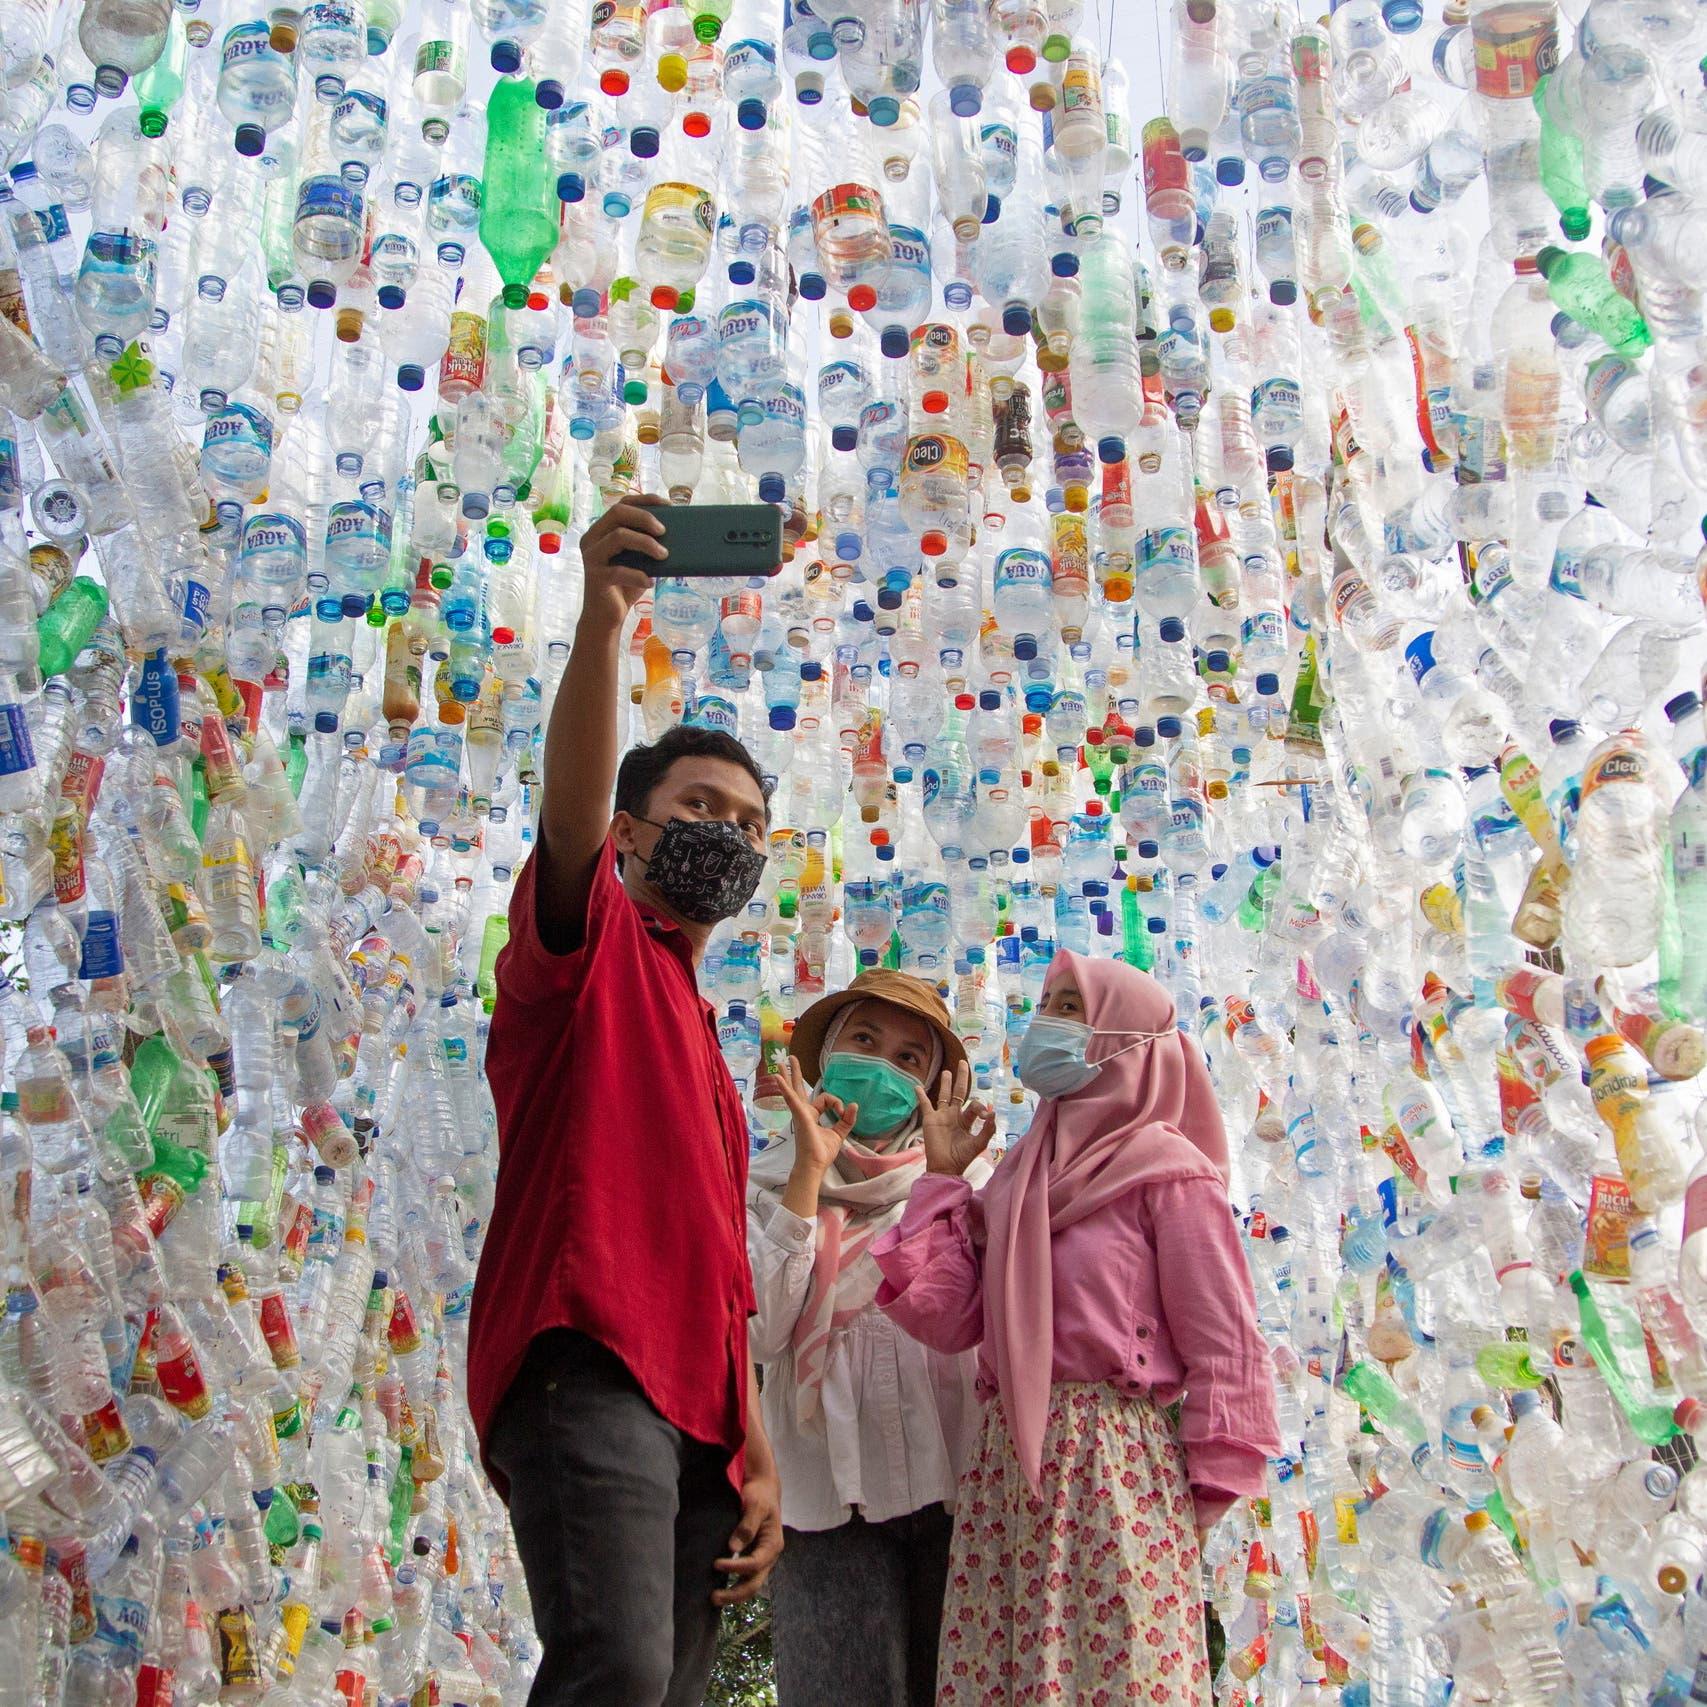 متحف من النفايات البلاستيكية يسلط الضوء على أزمة المحيطات